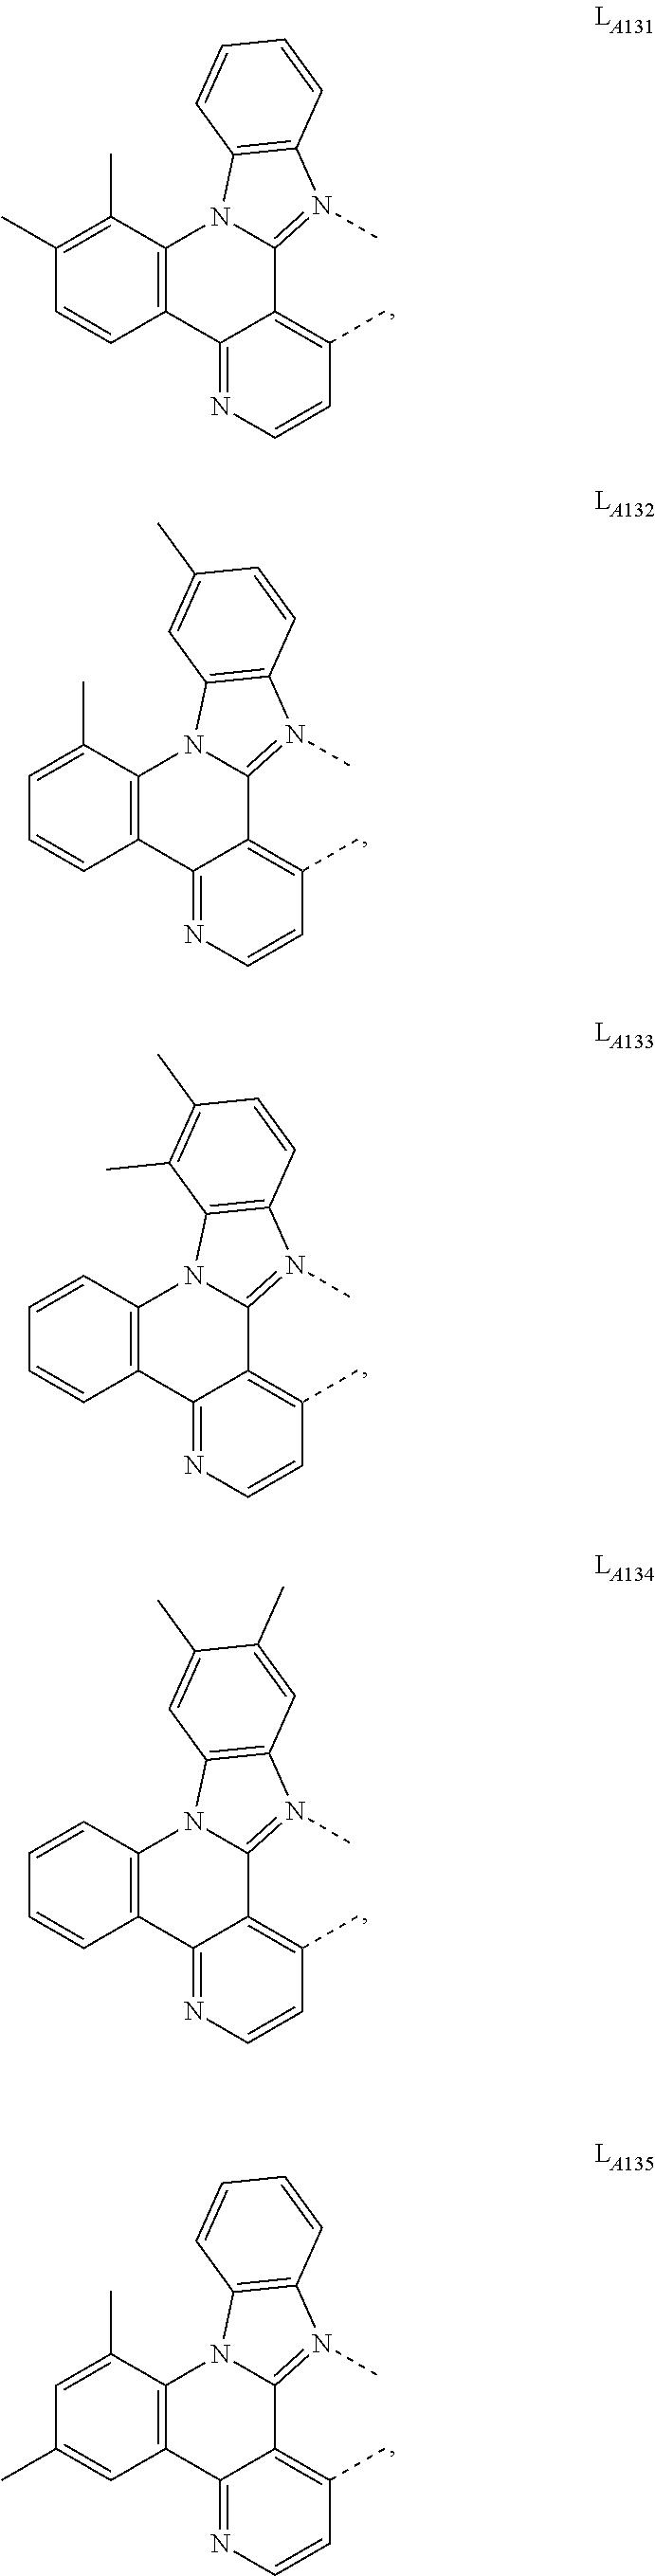 Figure US09905785-20180227-C00055